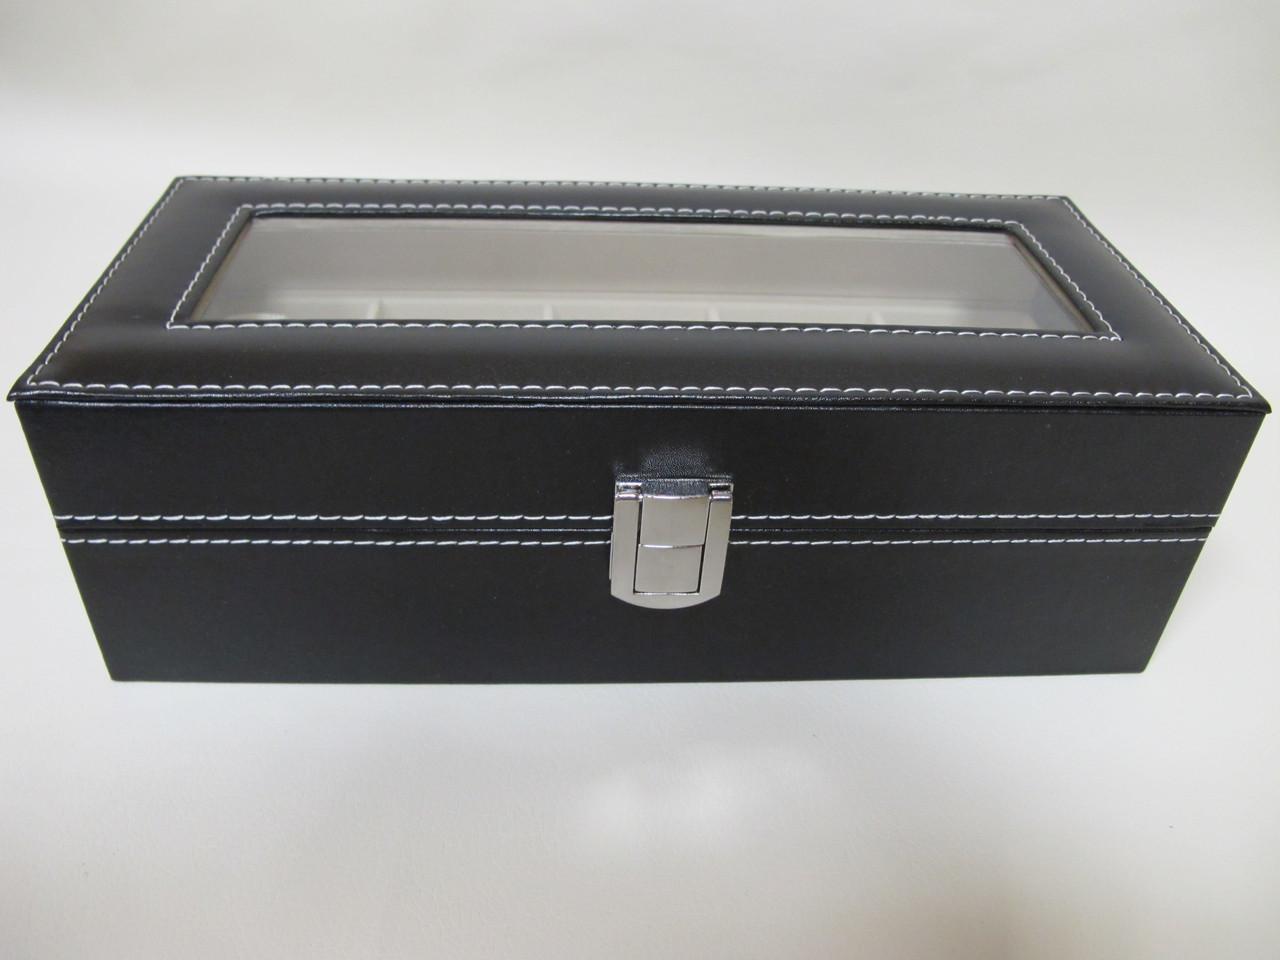 Шкатулка для хранения часов Craft 5PU